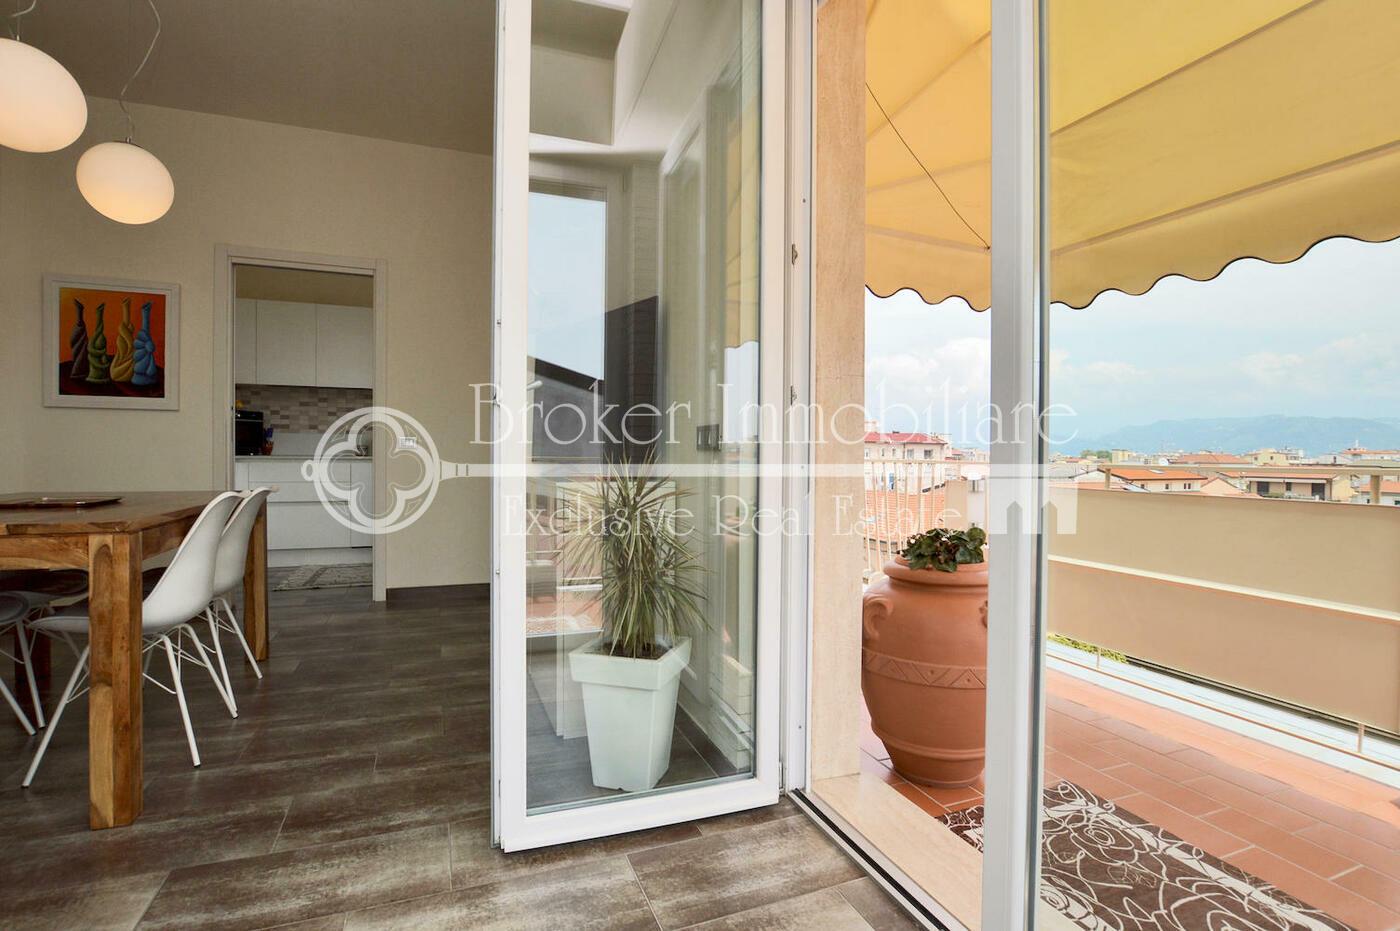 Attico in Vendita a Viareggio con ampia terrazza a 100 metri dal mare